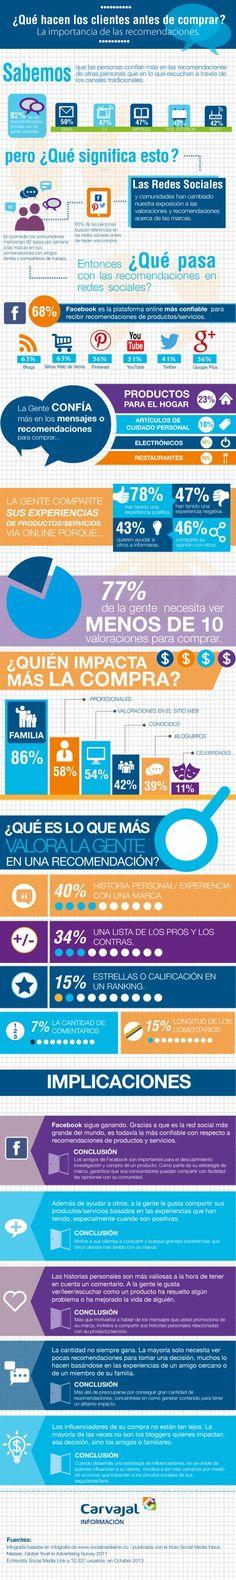 Una interesante #Infografía sobre el comportamiento del #Consumidor durante la decisión de compra.: